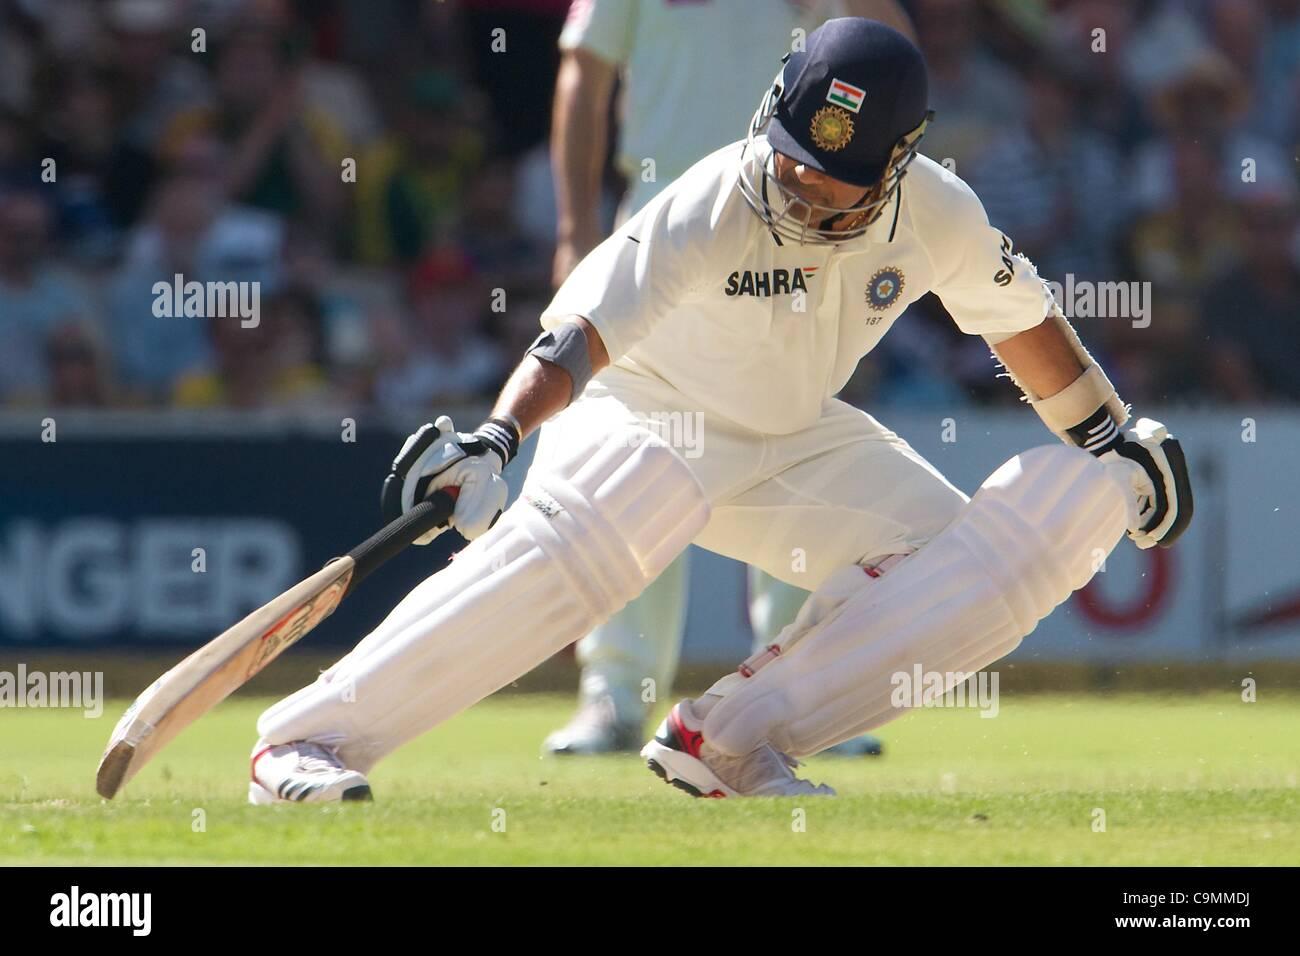 26.01.2012 Adelaide, Australien. Sachin Tendulkar Indien in Aktion während des zweiten Tages der 4. Cricket Stockbild